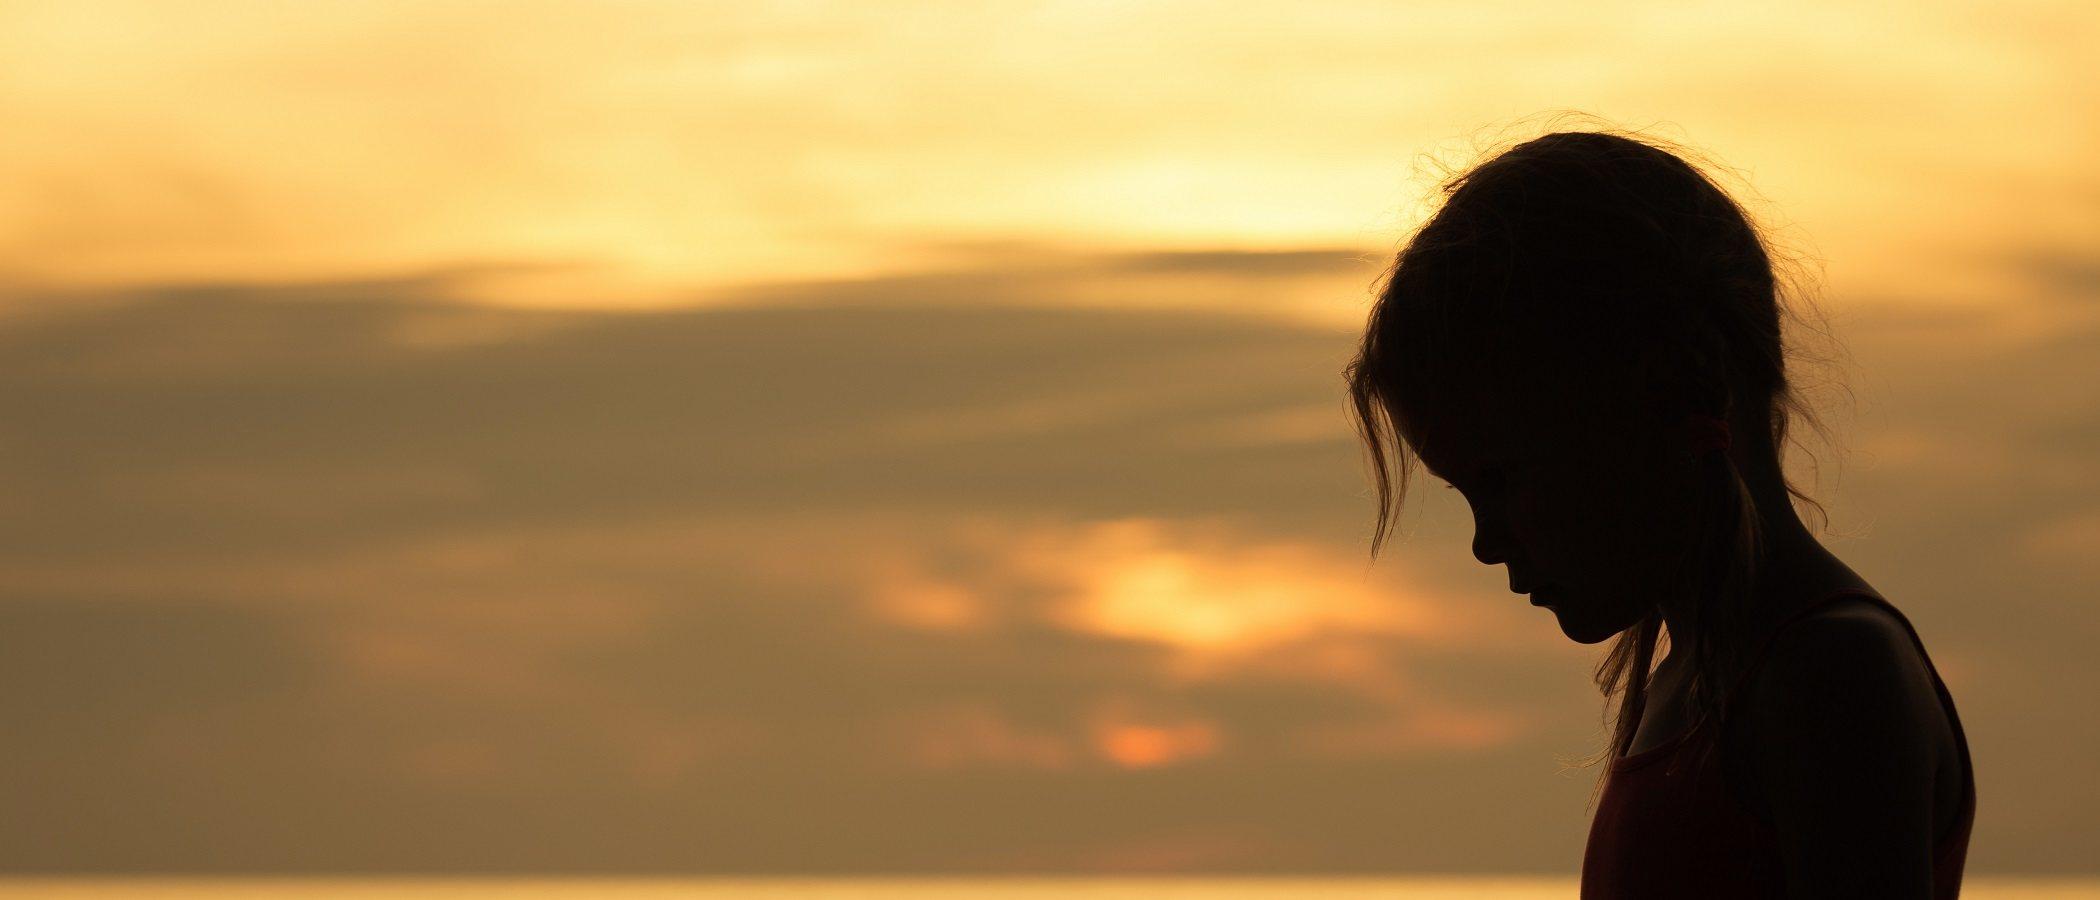 Trastorno del espectro autista o TEA: todo lo que tienes que saber